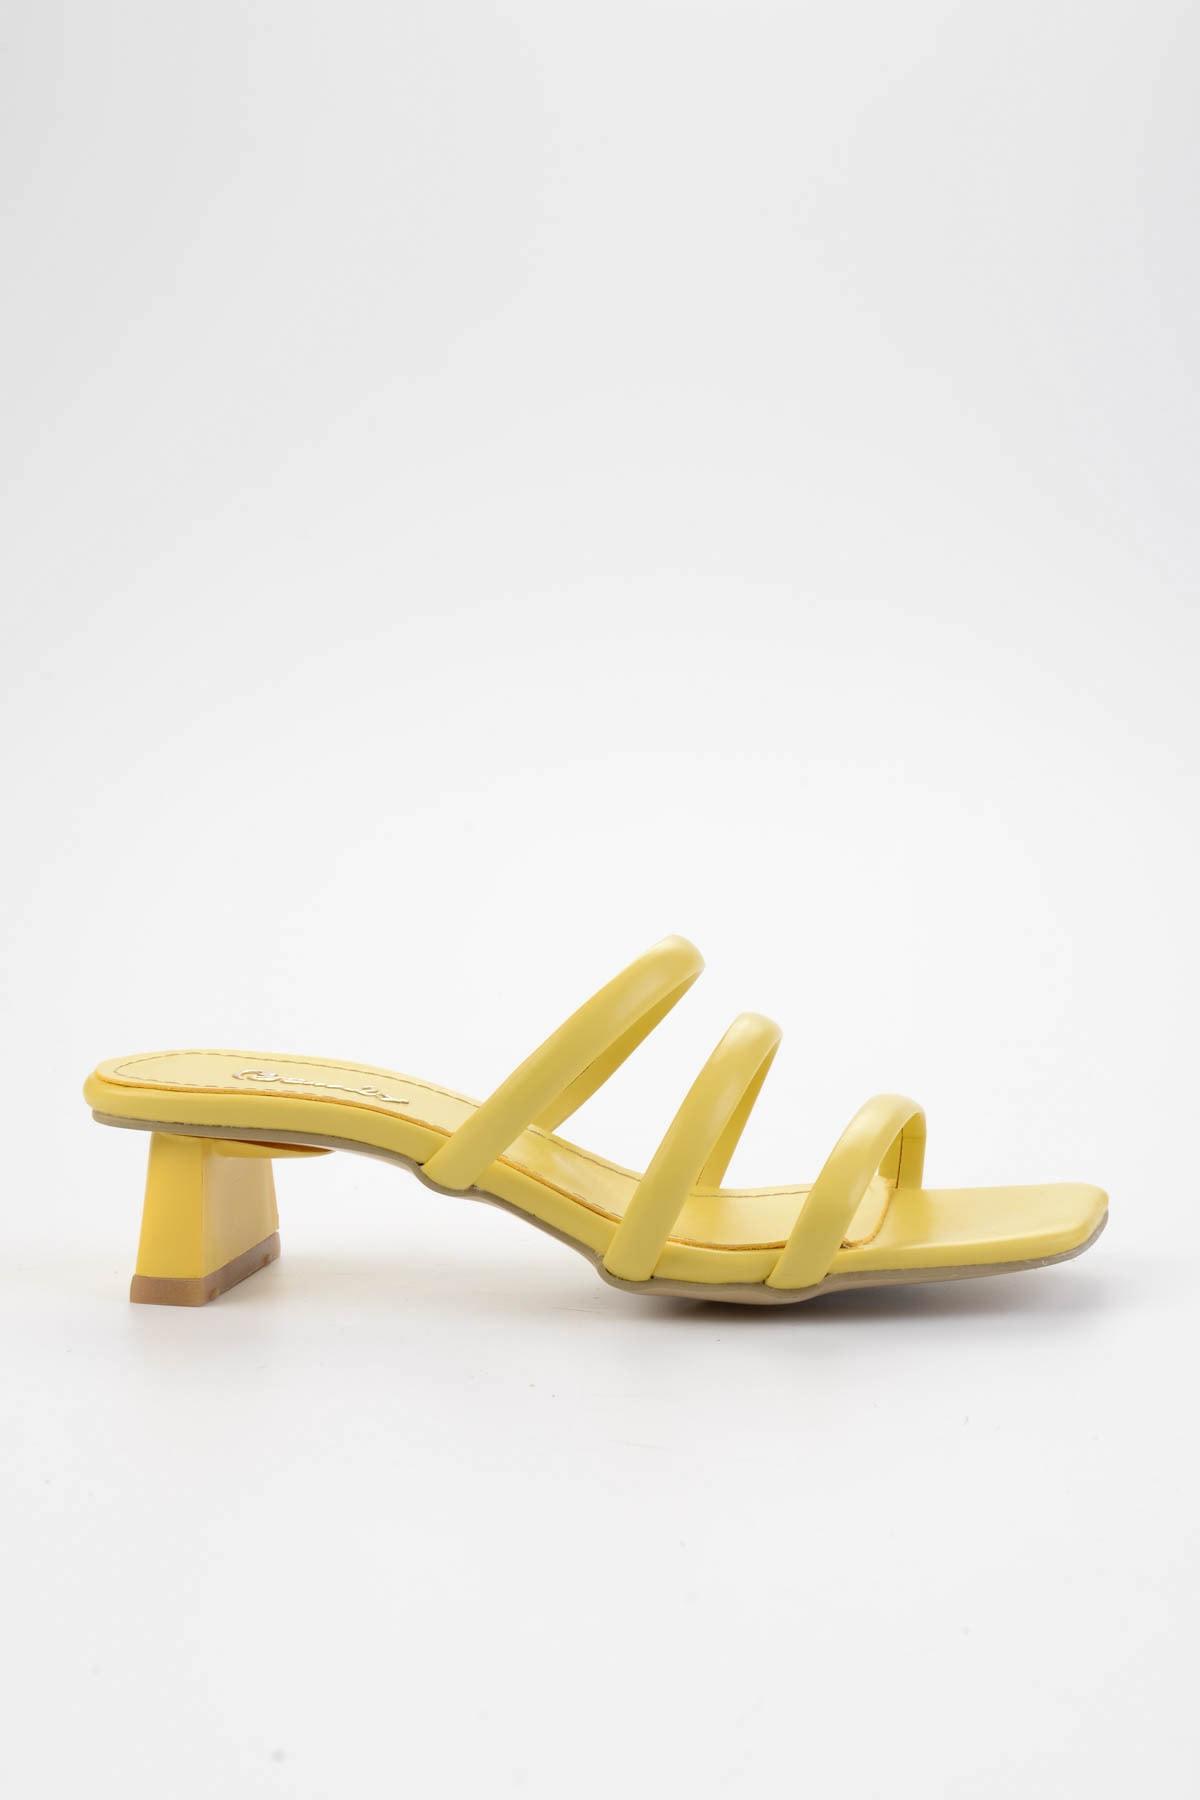 Bambi Sarı Kadın Sandalet L0533001509 2